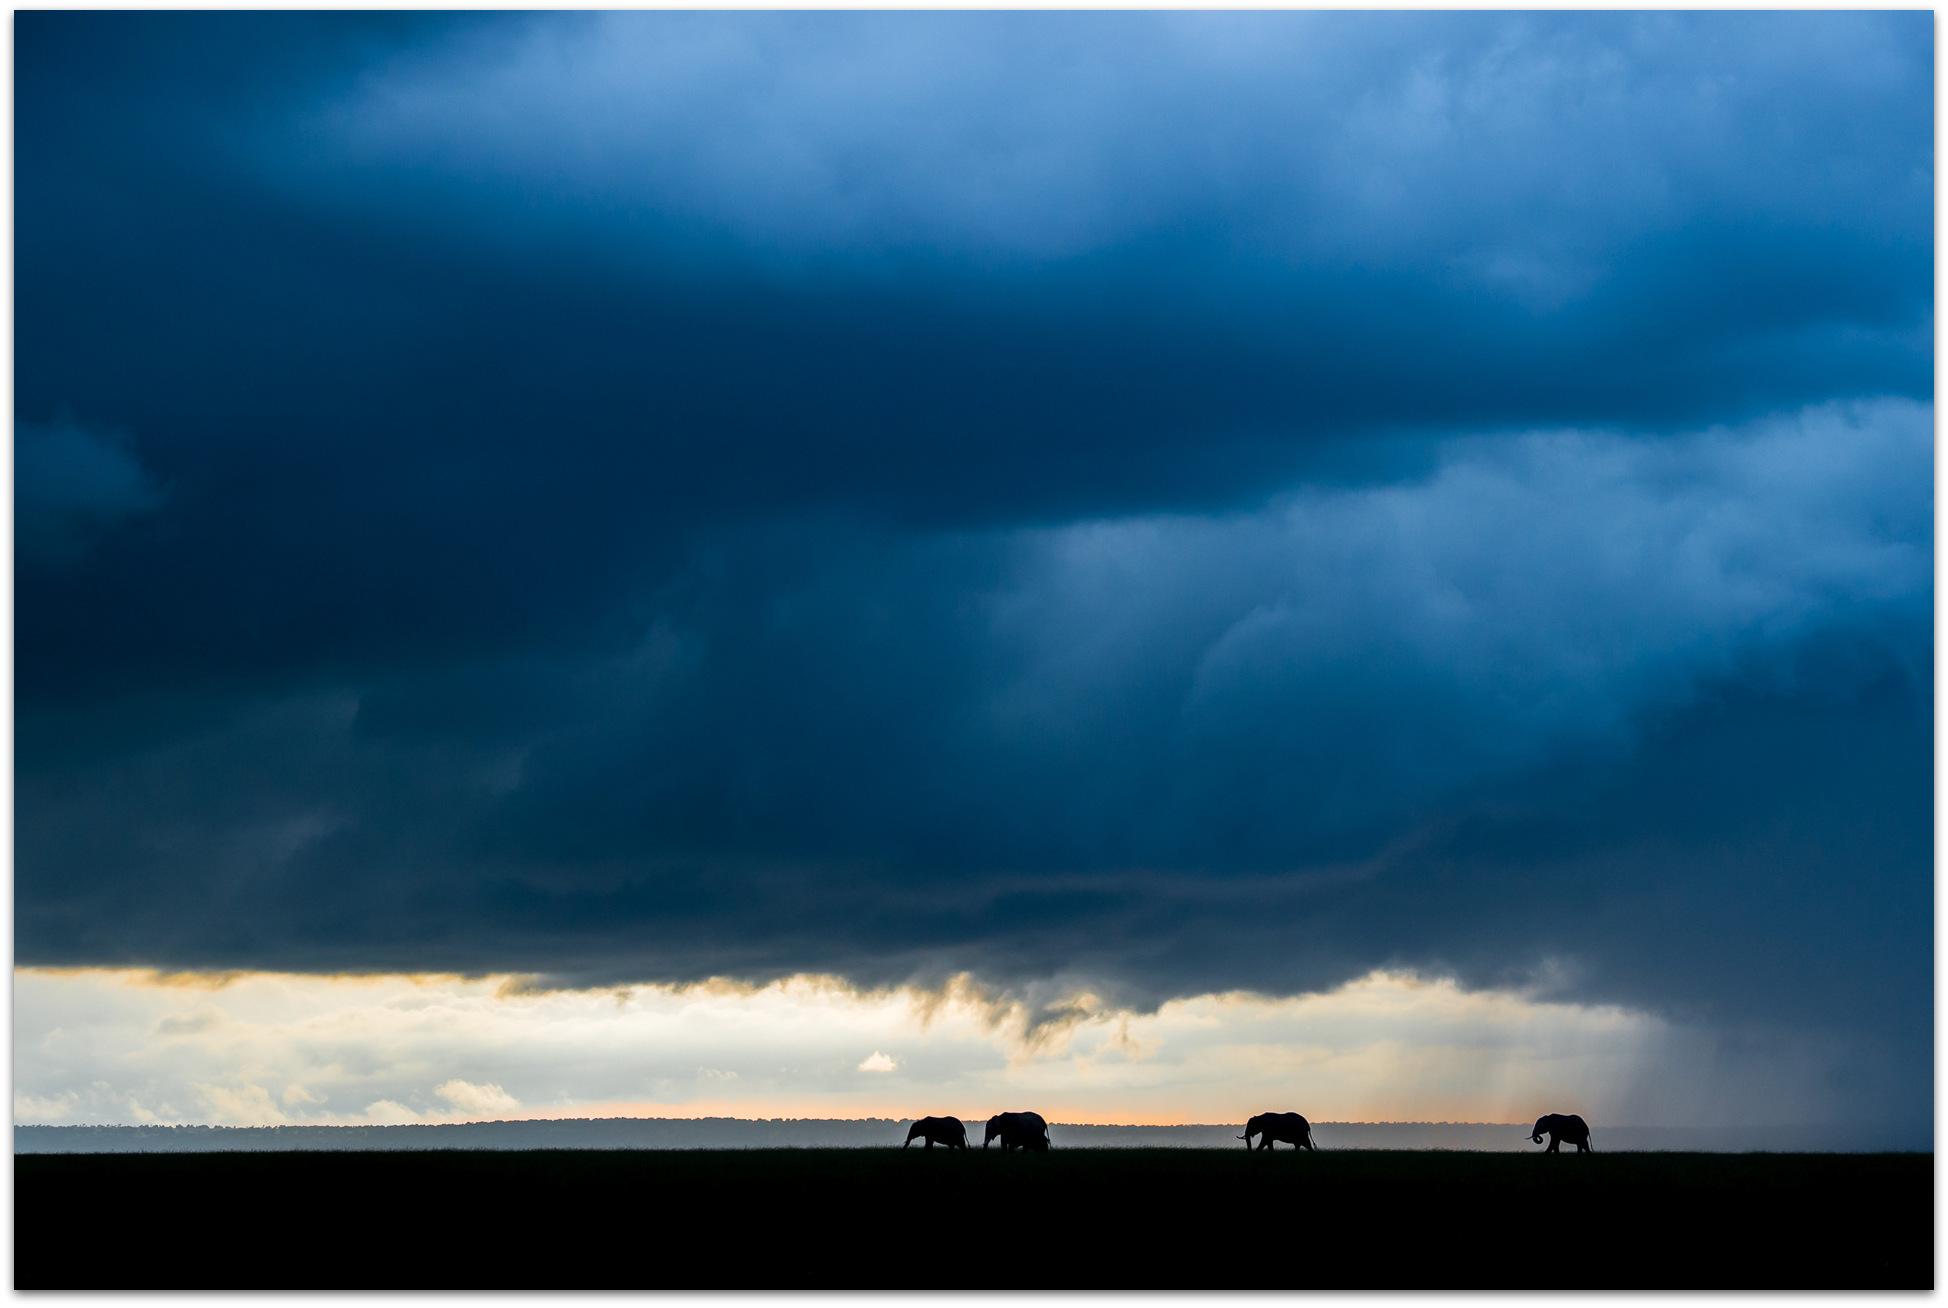 Elephants in the Maasai Mara